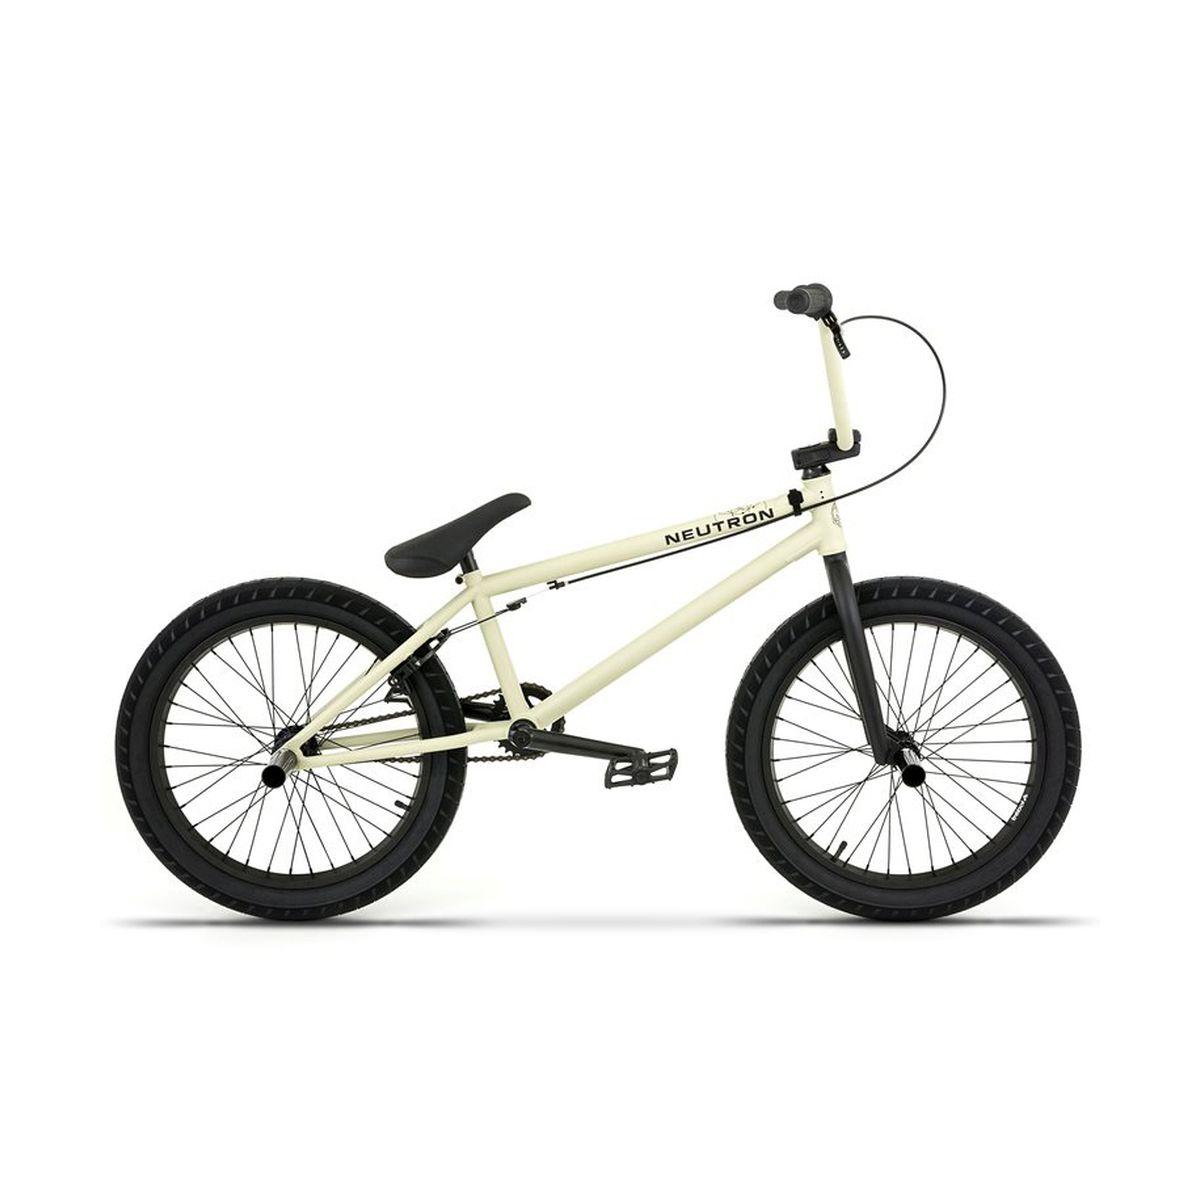 Rower Bmx Flybikes Neutron 8 Flat Tan Sklep Avebmx